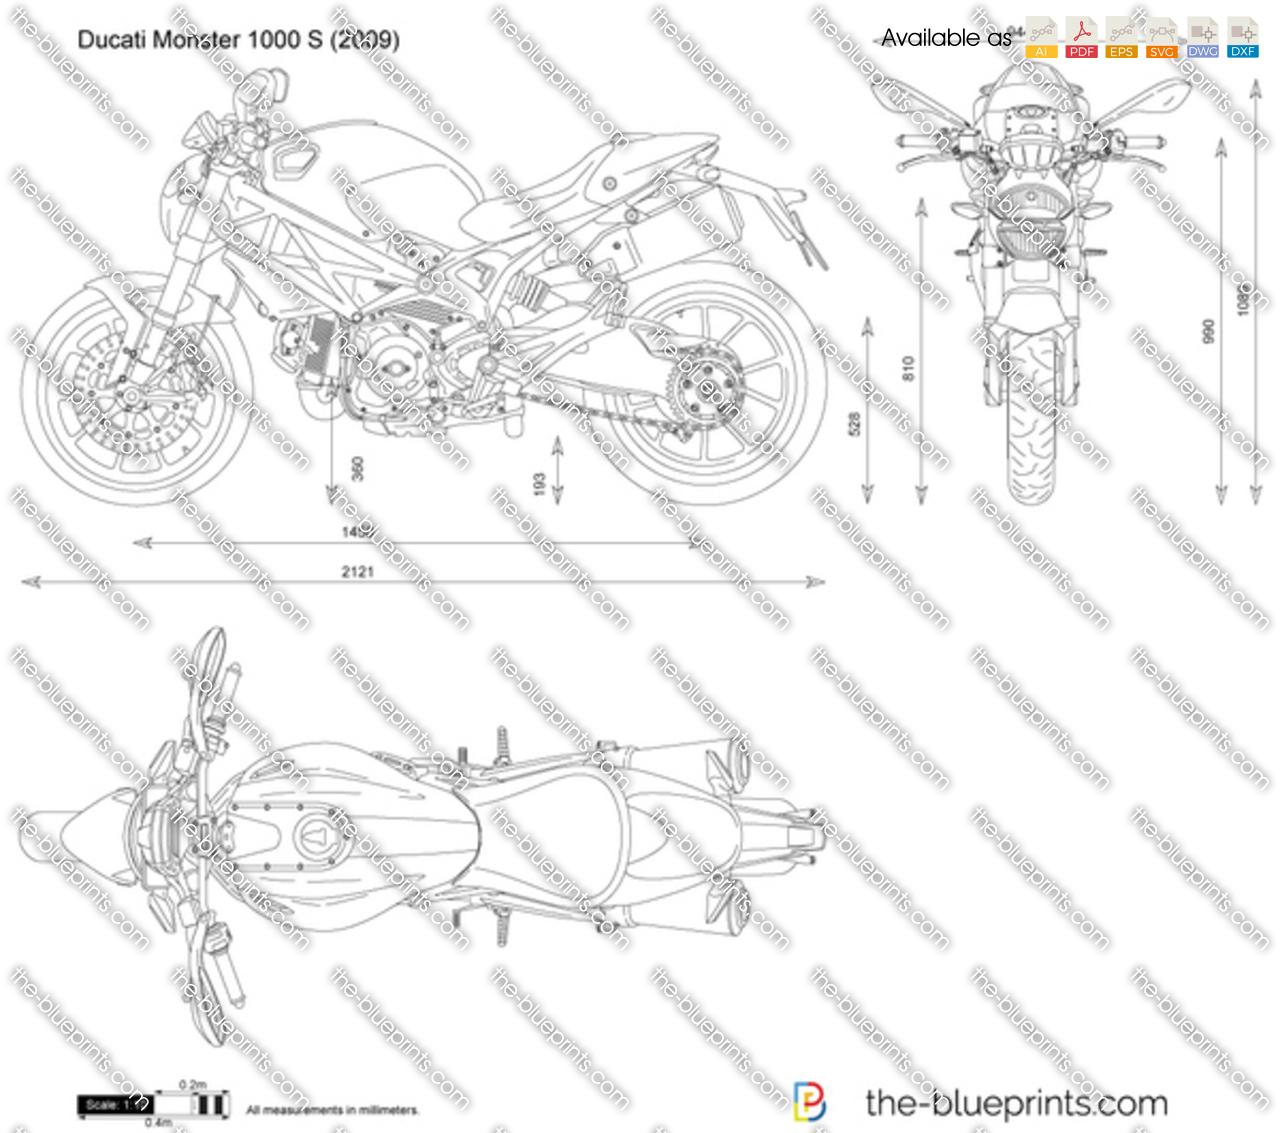 Ducati Monster 1000 S